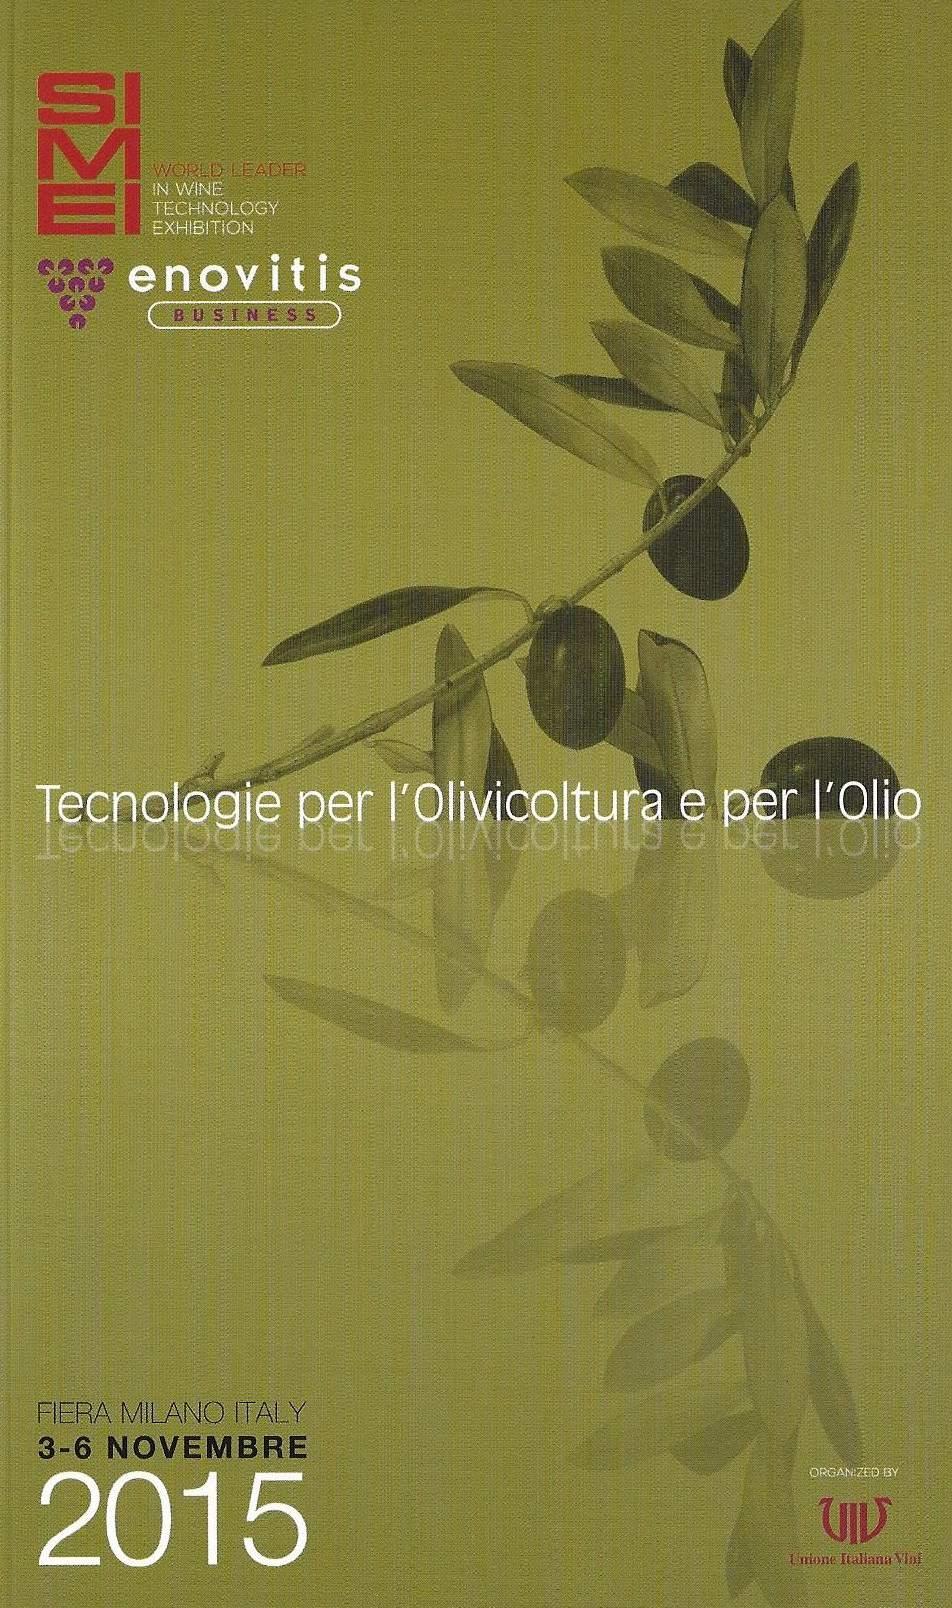 Tecnologie per l'olivicoltura e per l'olio